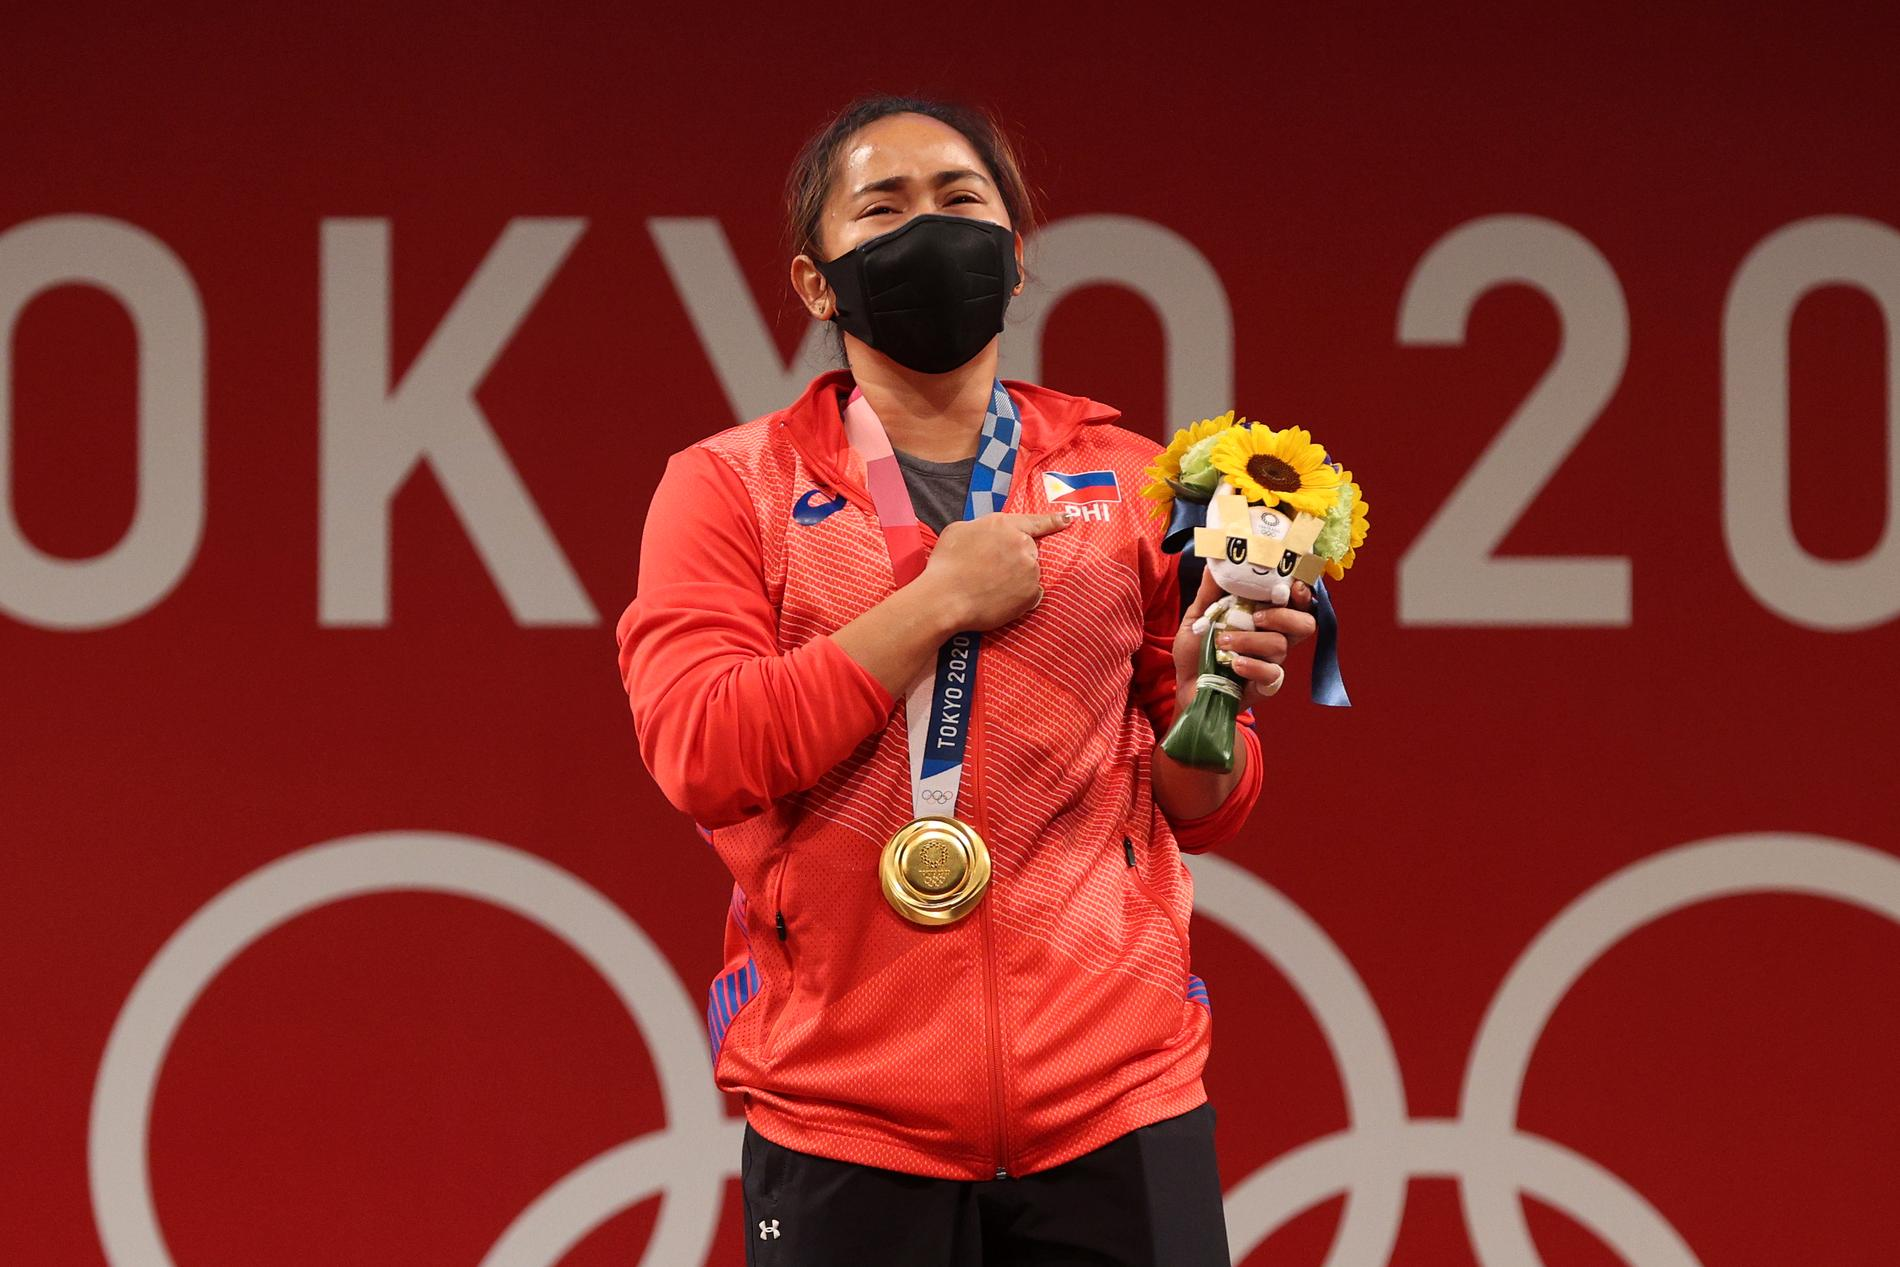 Filippinskan Hidilyn Diaz vann guld i tyngdlyft – och kammar hem motsvarande 5,7 miljoner kronor.